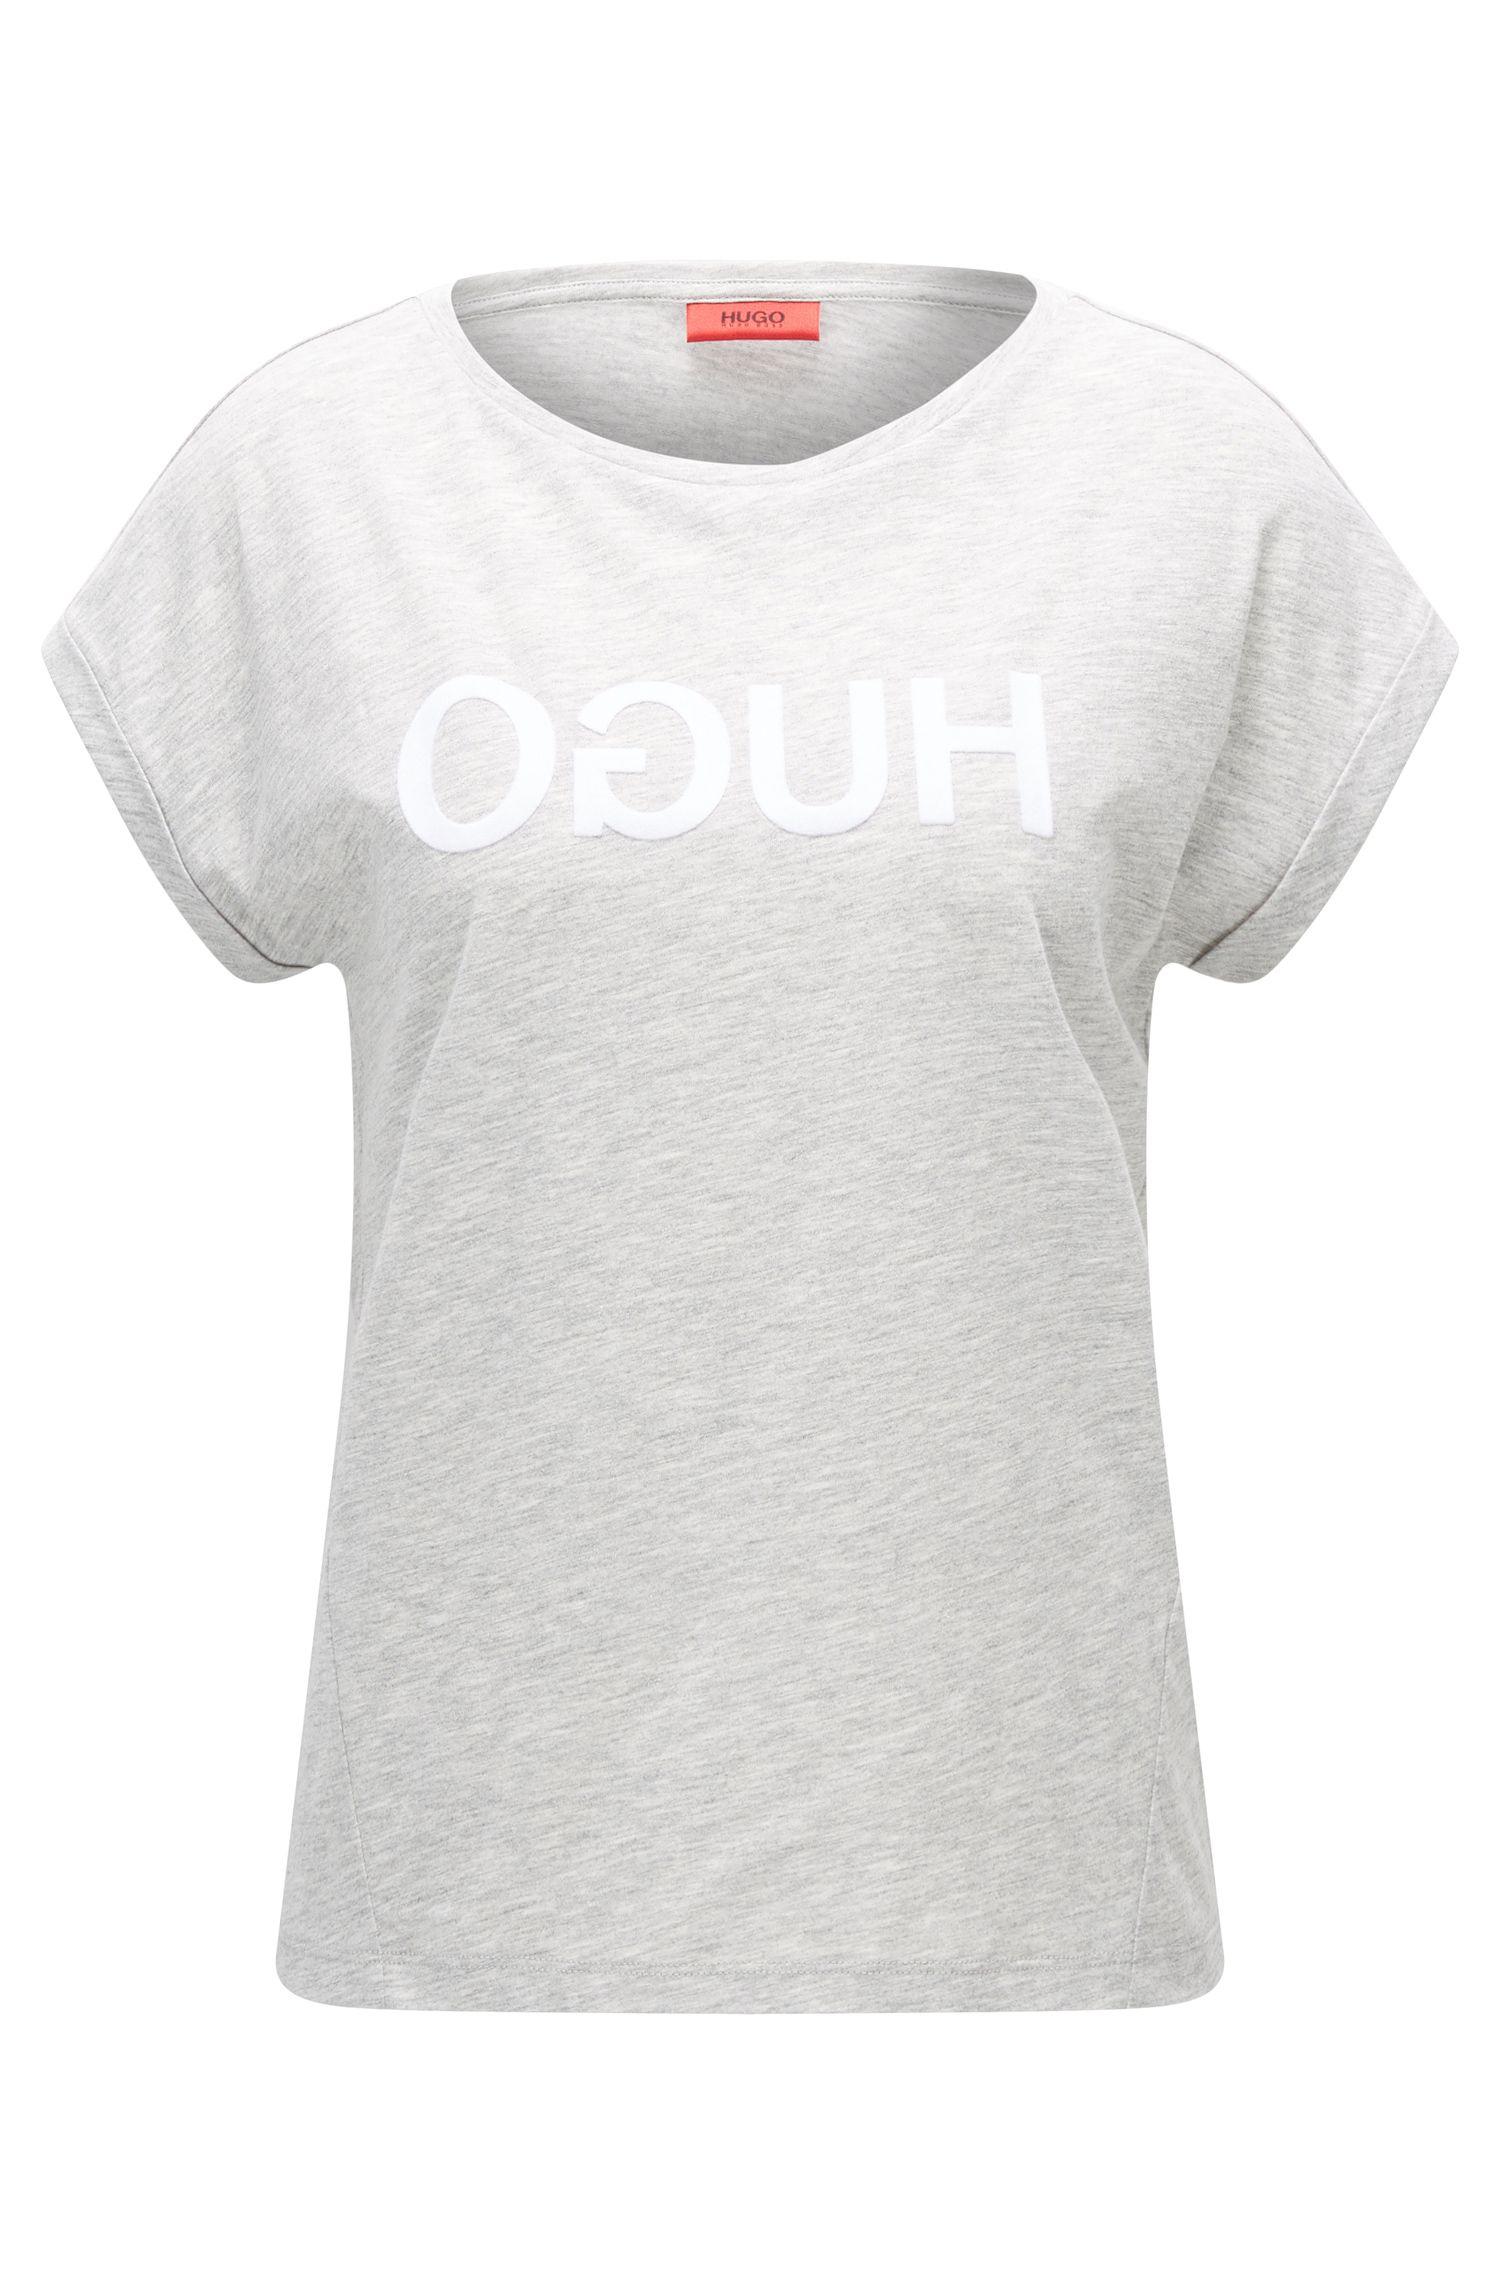 T-shirt Relaxed Fit en jersey de coton à logo inversé